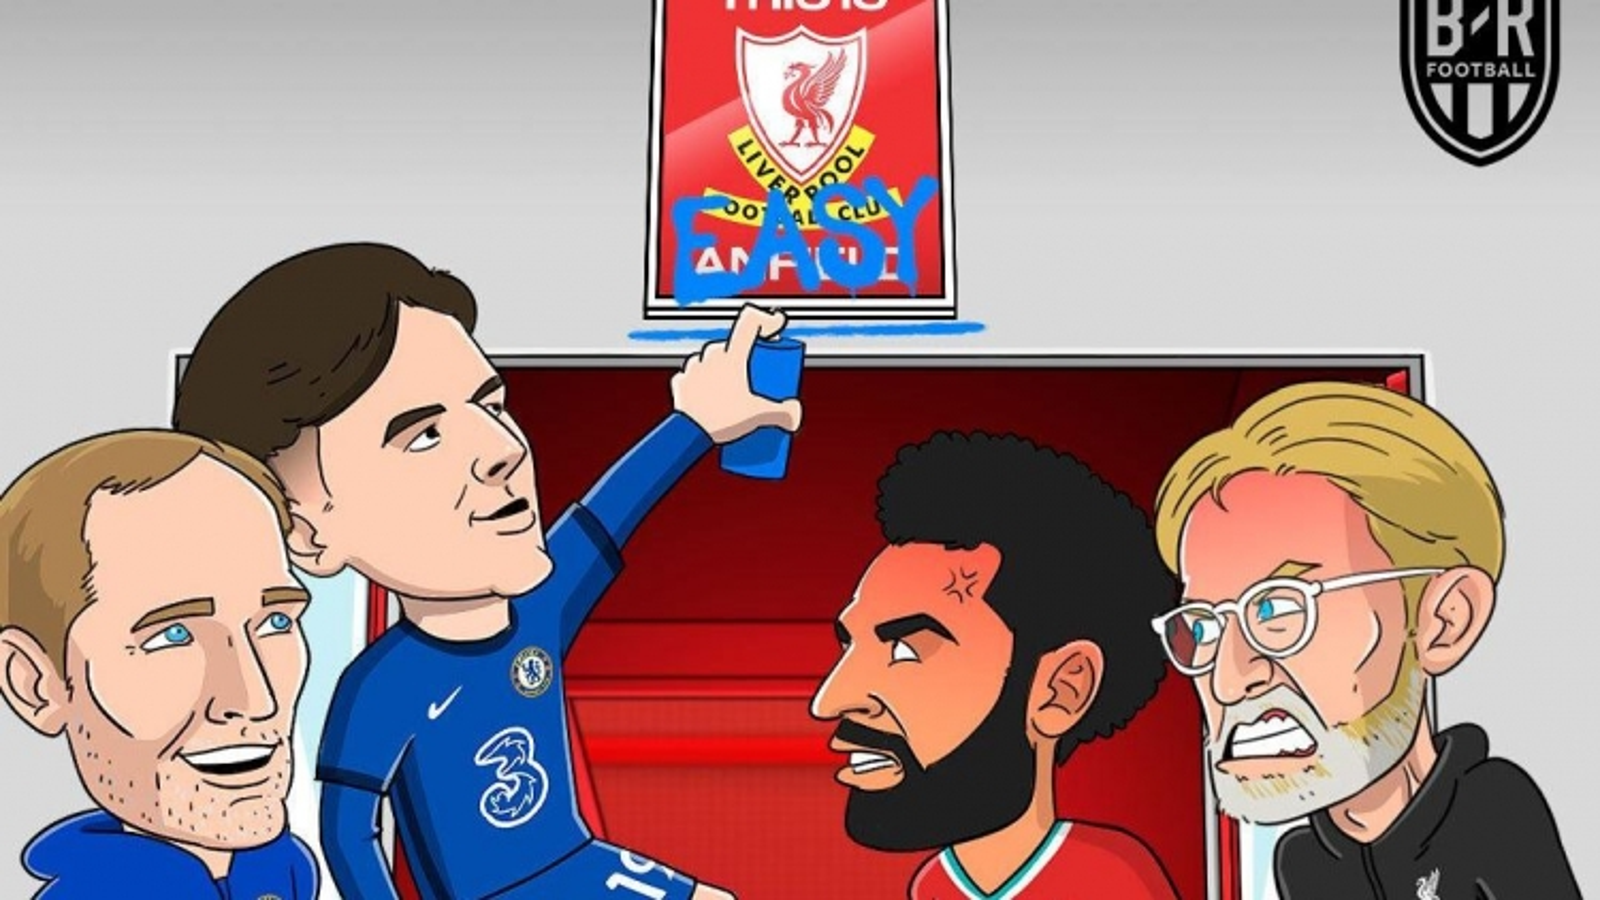 """Biếm họa 24h: Sân Anfield thành """"kho điểm"""" ở Ngoại hạng Anh"""